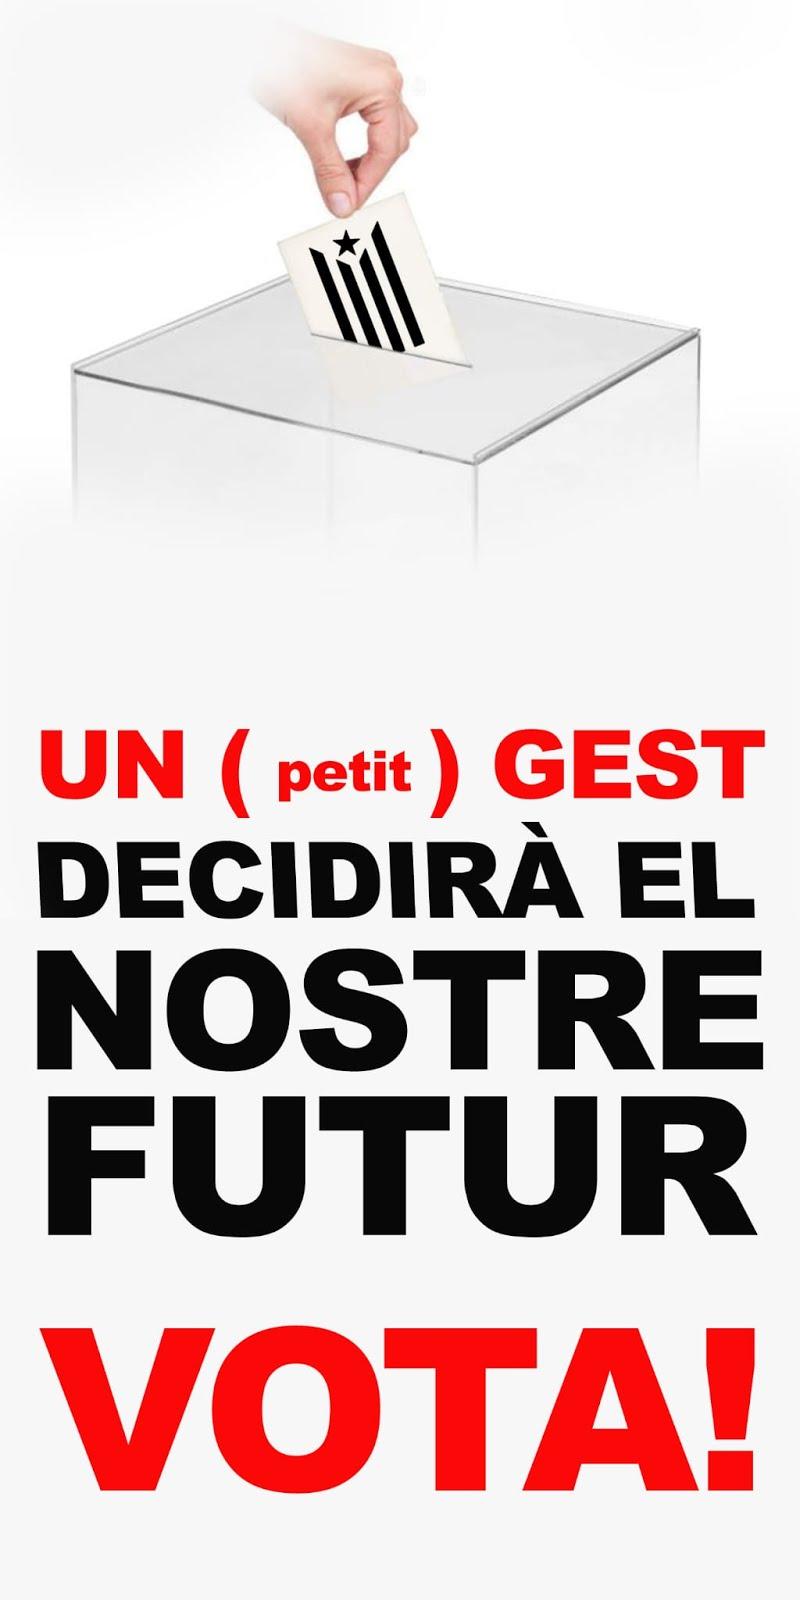 Un petit gest decidira el nostre futur